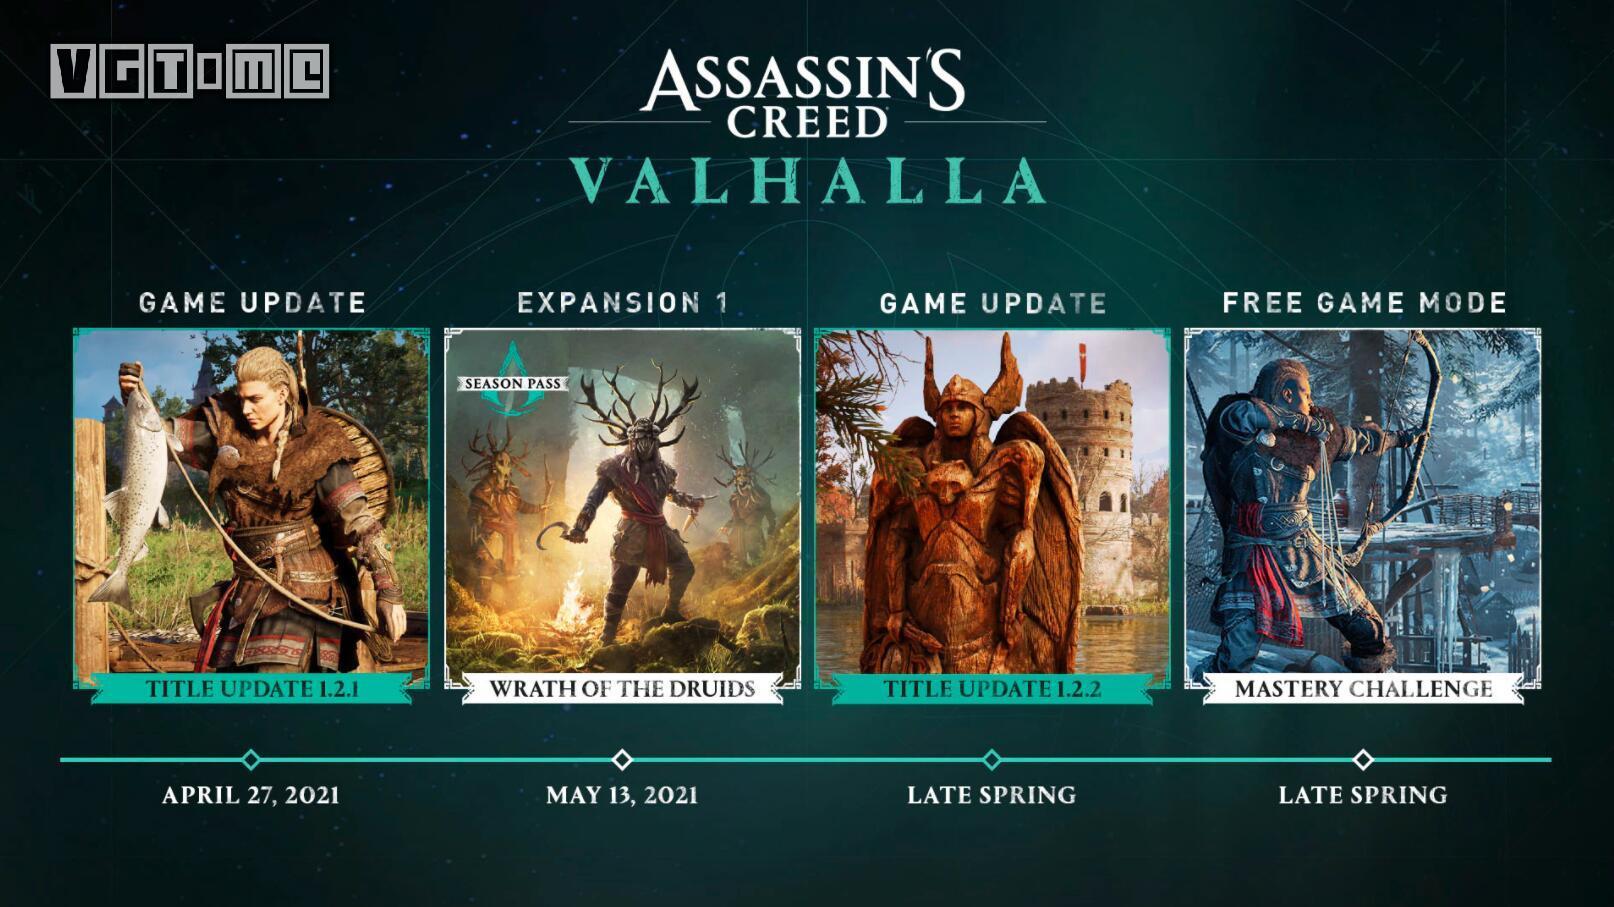 育碧:《刺客信条 英灵殿》的更新未达预期,新路线图公布